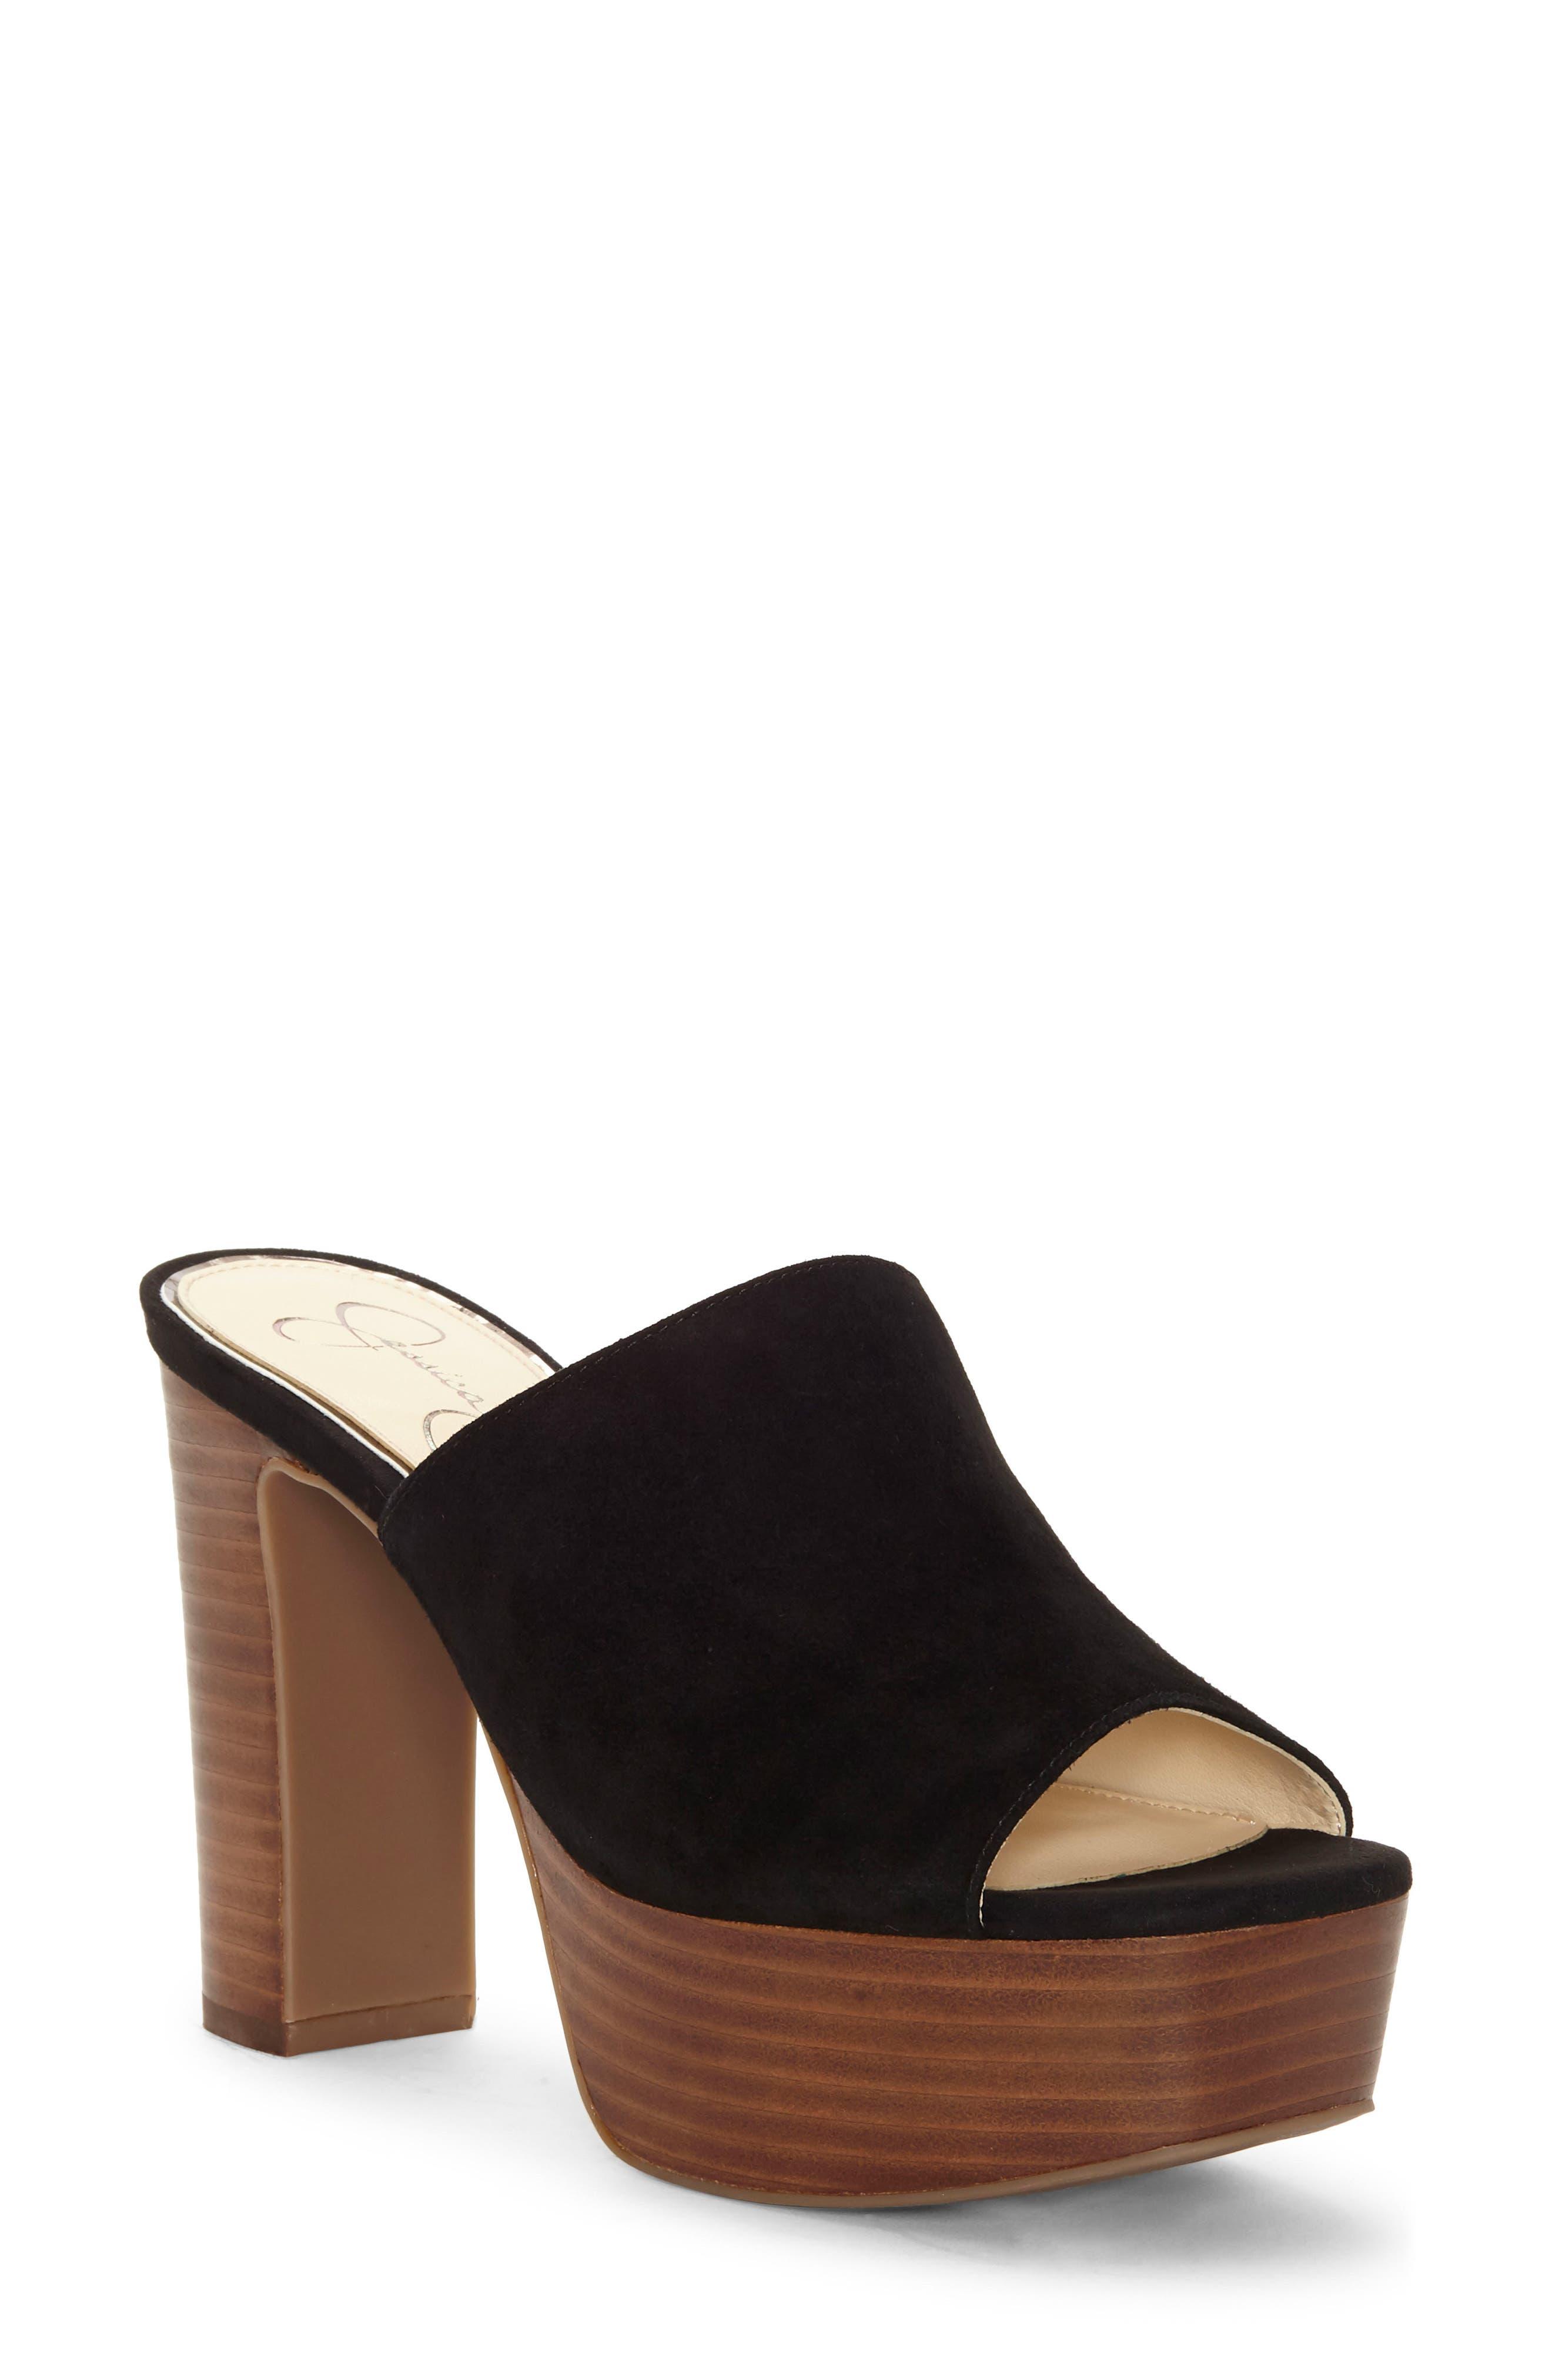 Jessica Simpson Camree Platform Sandal, Black